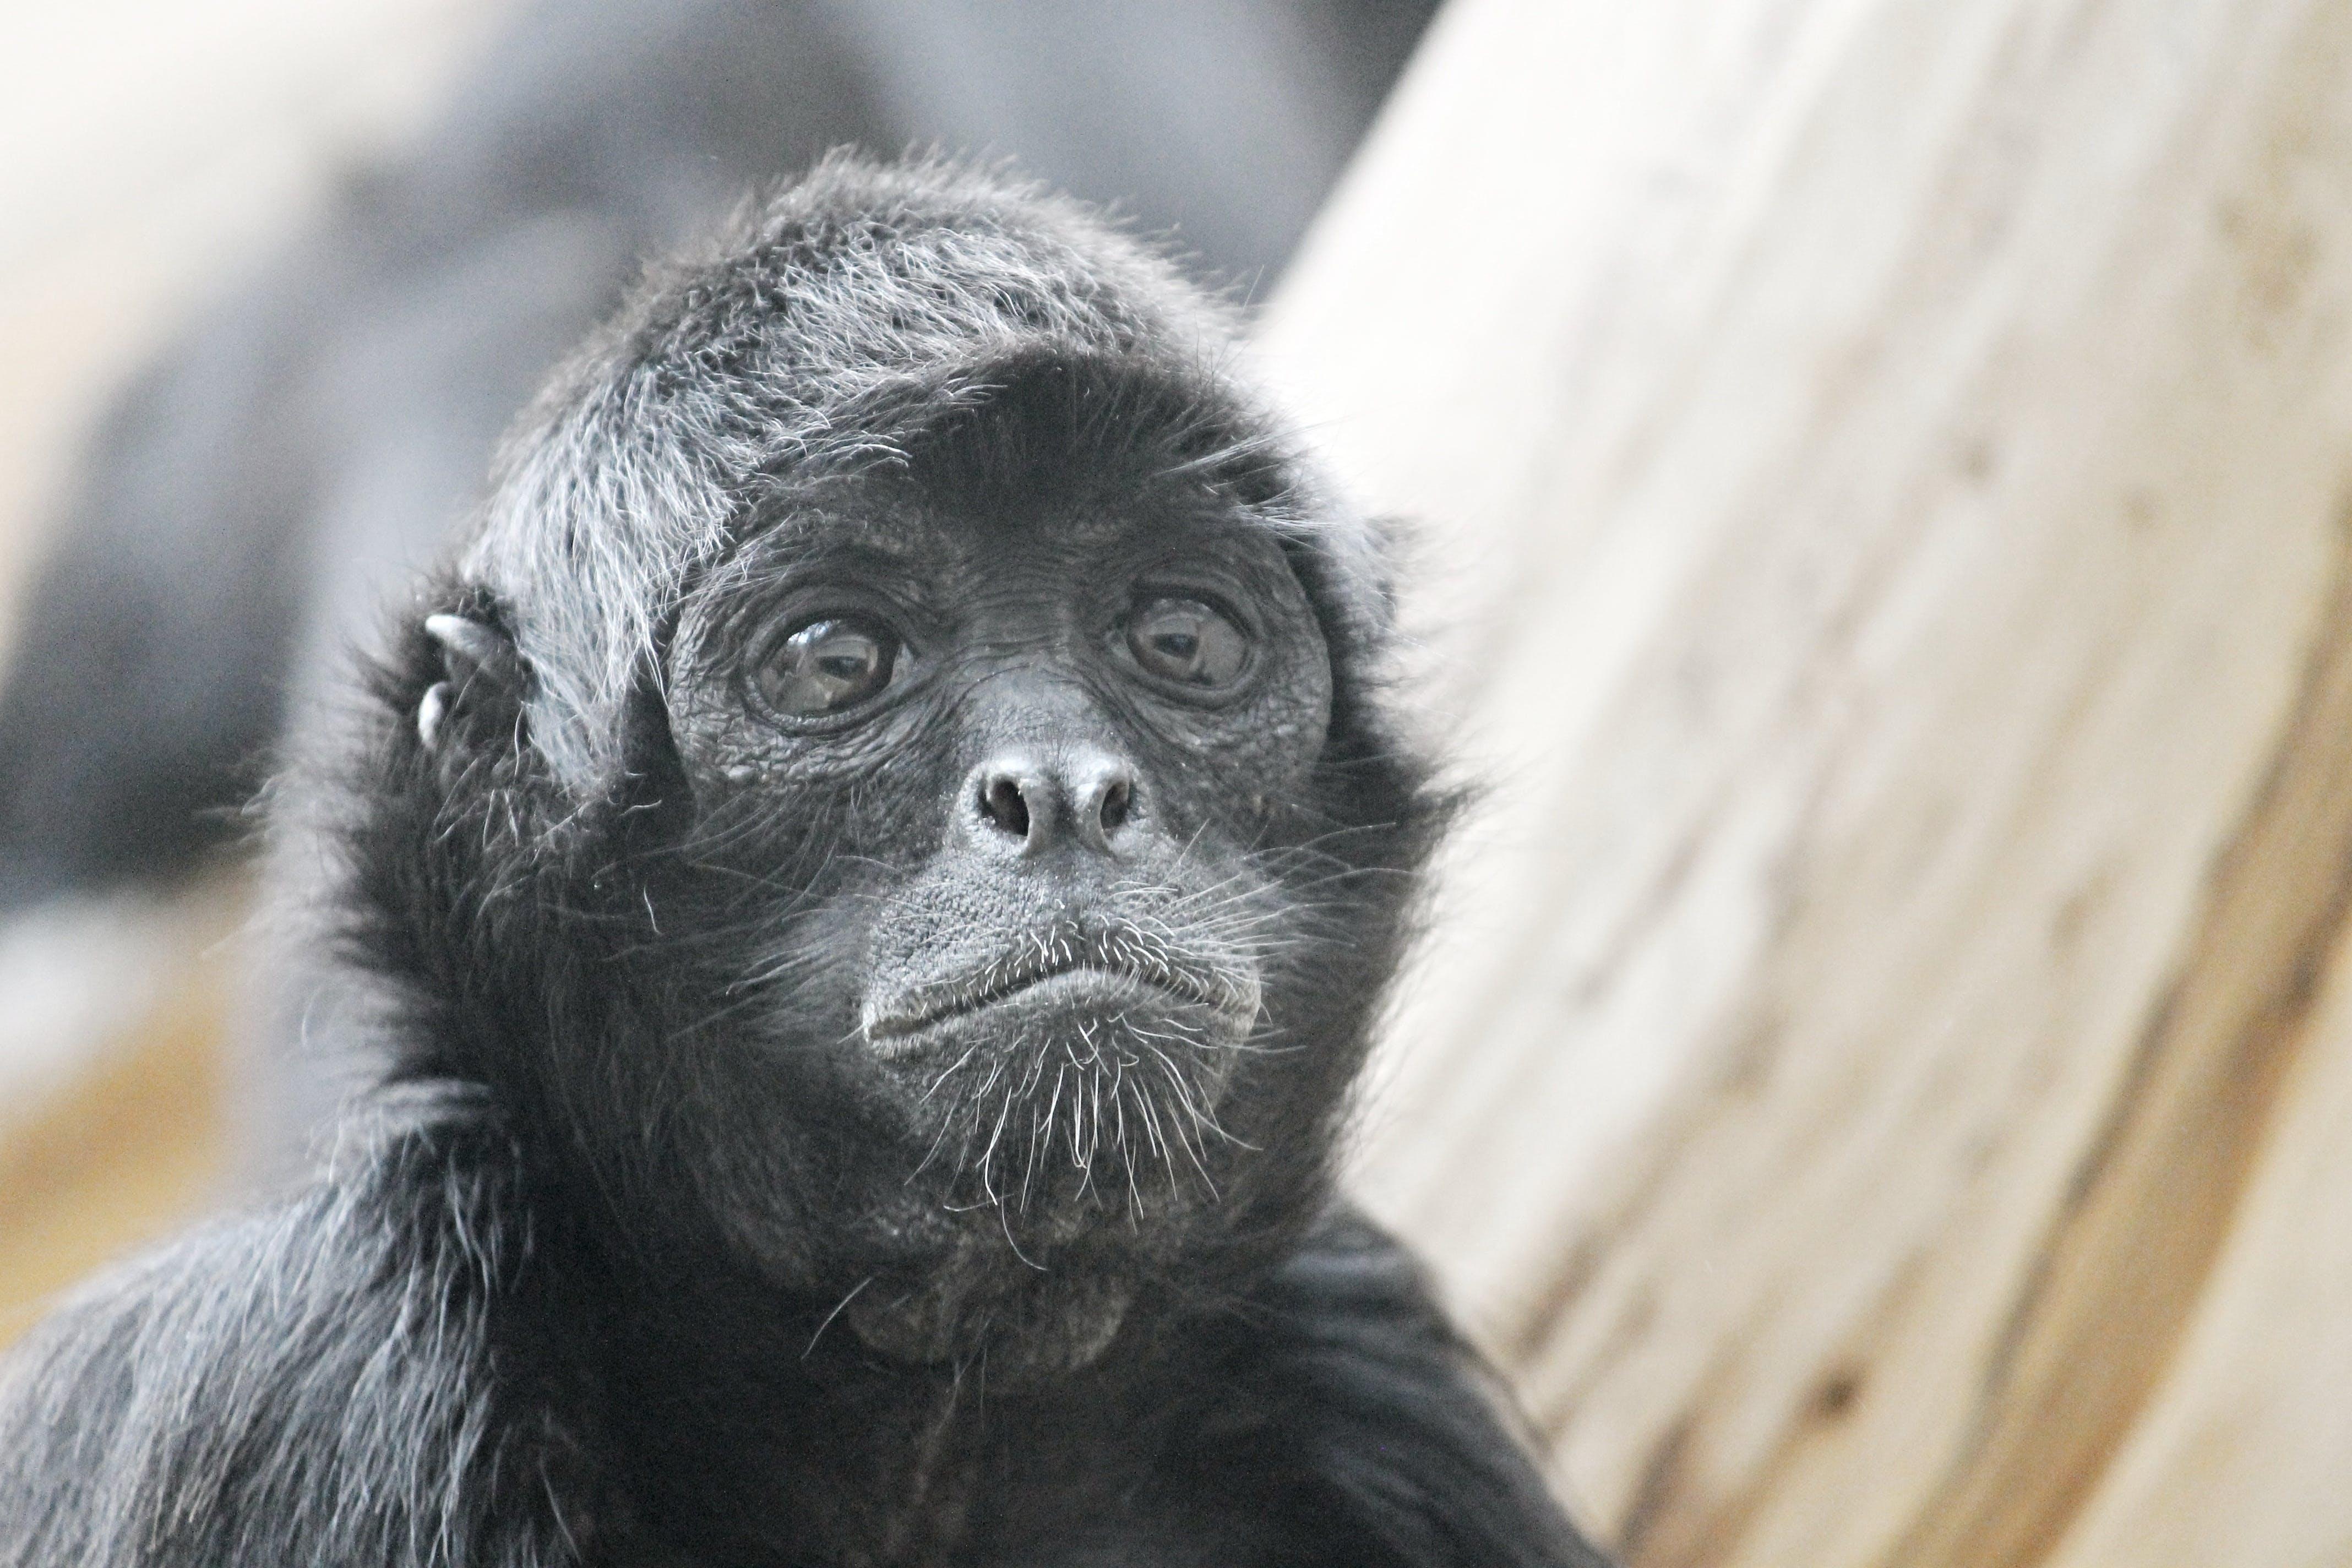 Free stock photo of nature, animal, eyes, zoo